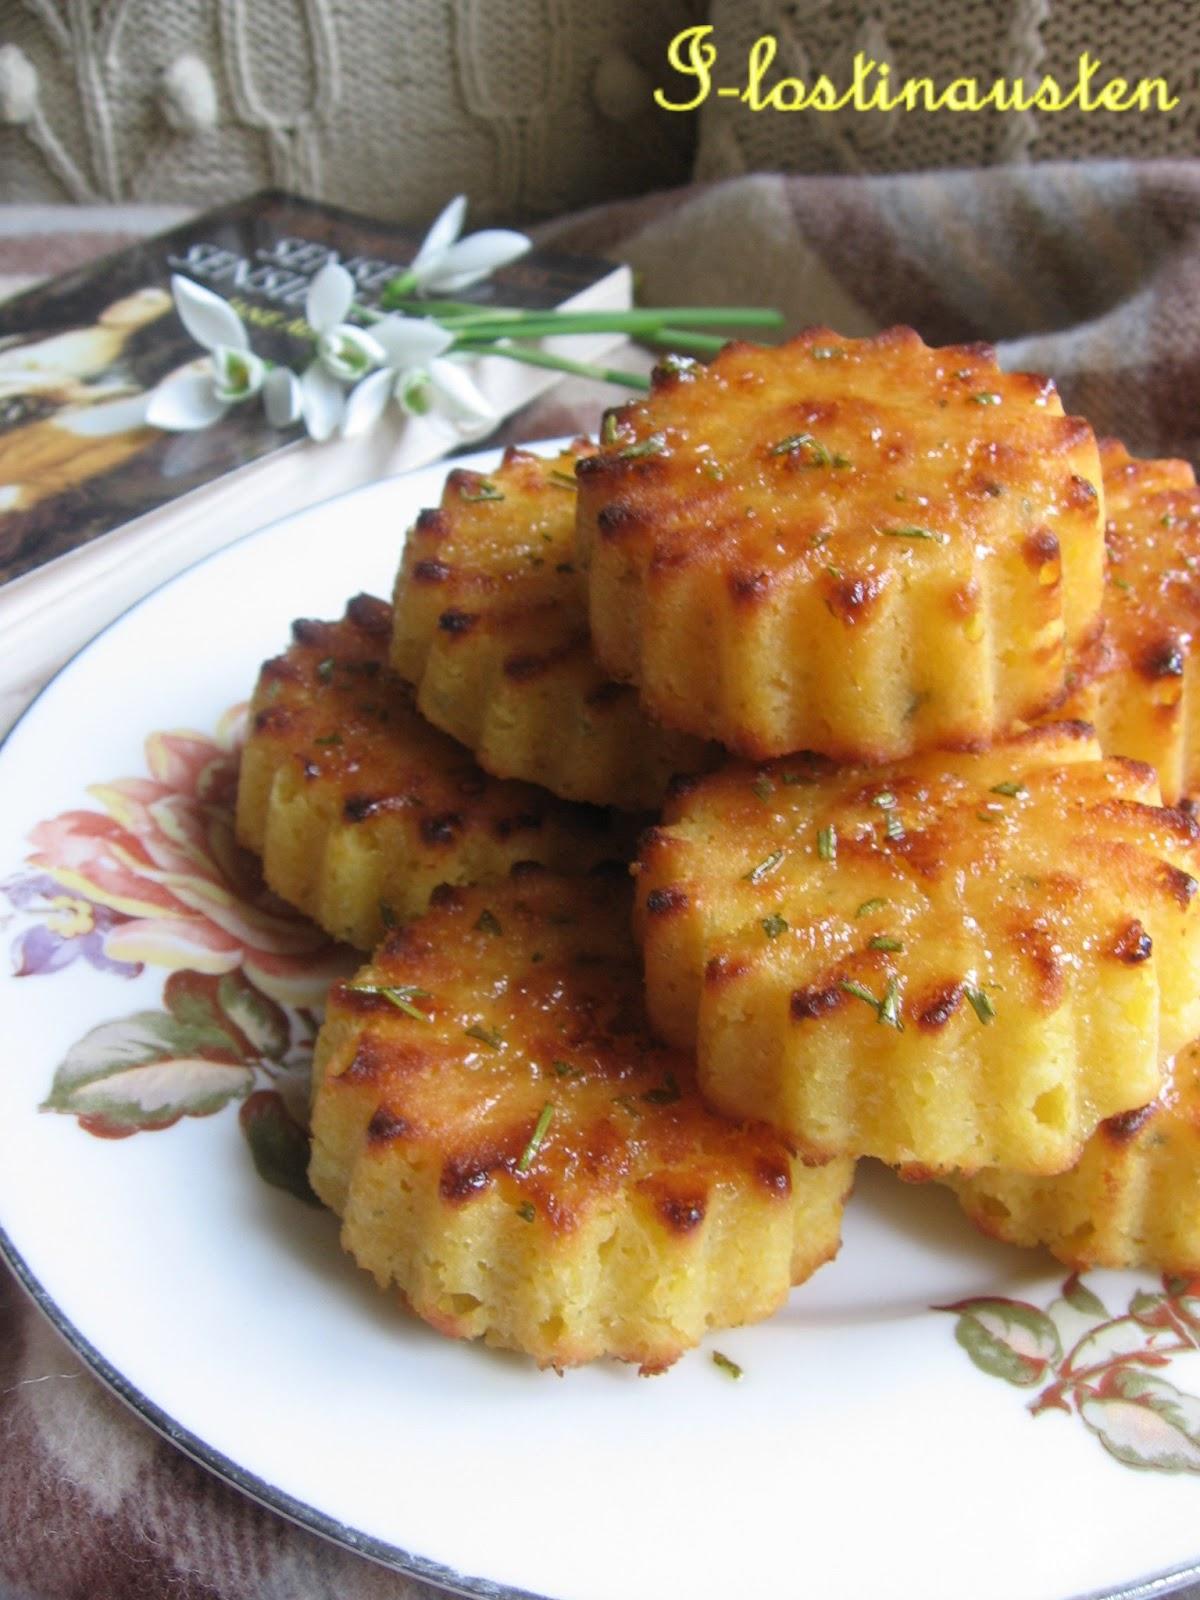 I-Lost in Austen: Mini Rosemary -Lemon Polenta Cake